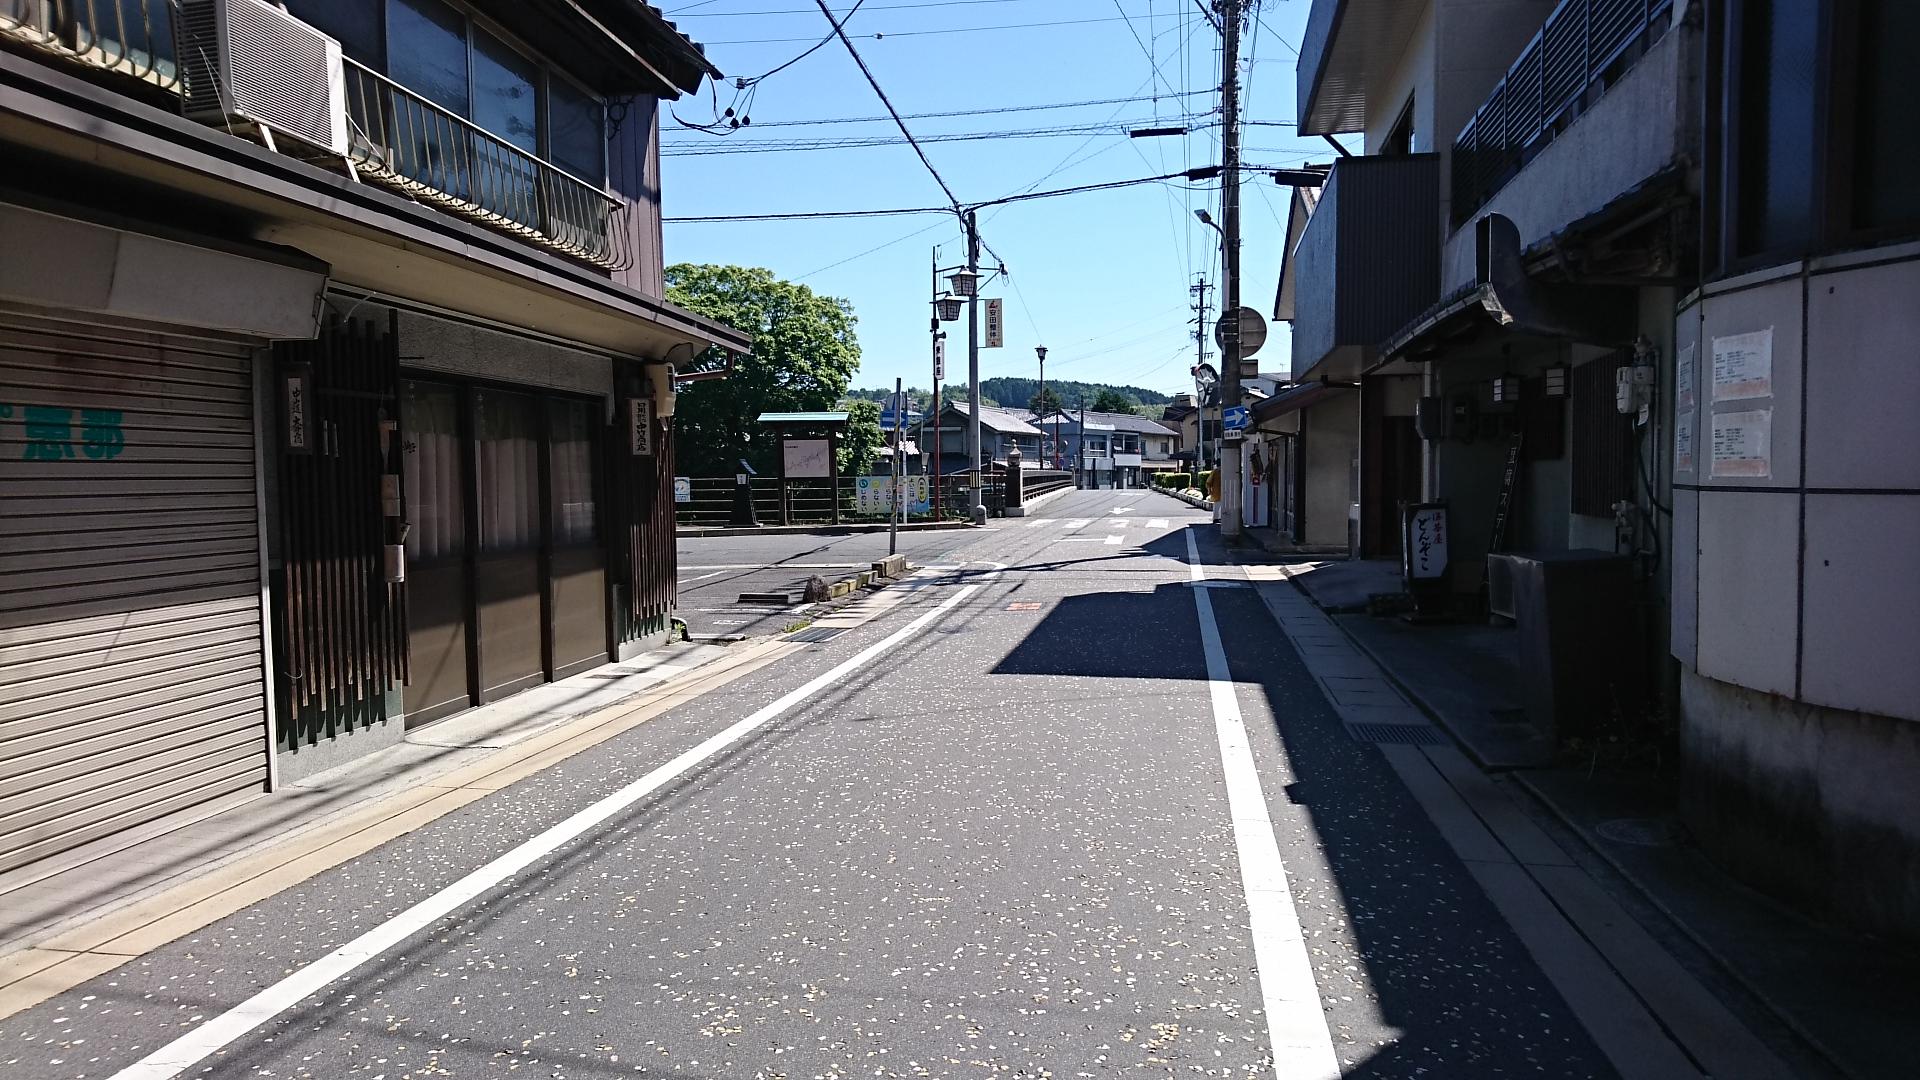 2017.5.19 大井 (17) 中山道 - 大井橋のにし 1920-1080